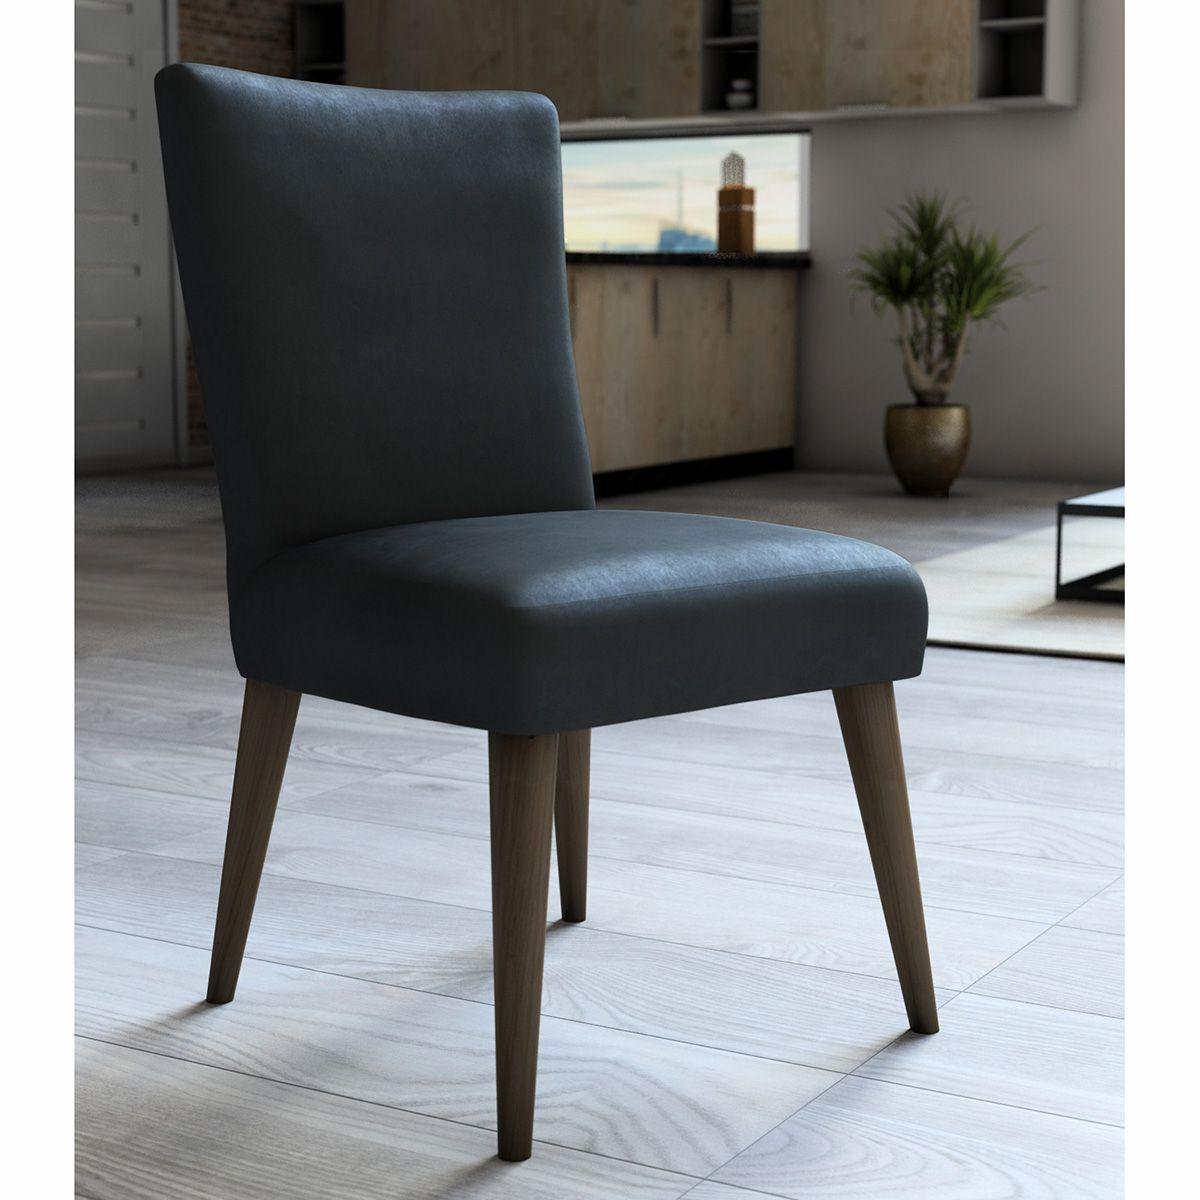 Capa P/ Cadeira - Luxo - Veludo - Aço - Adomes